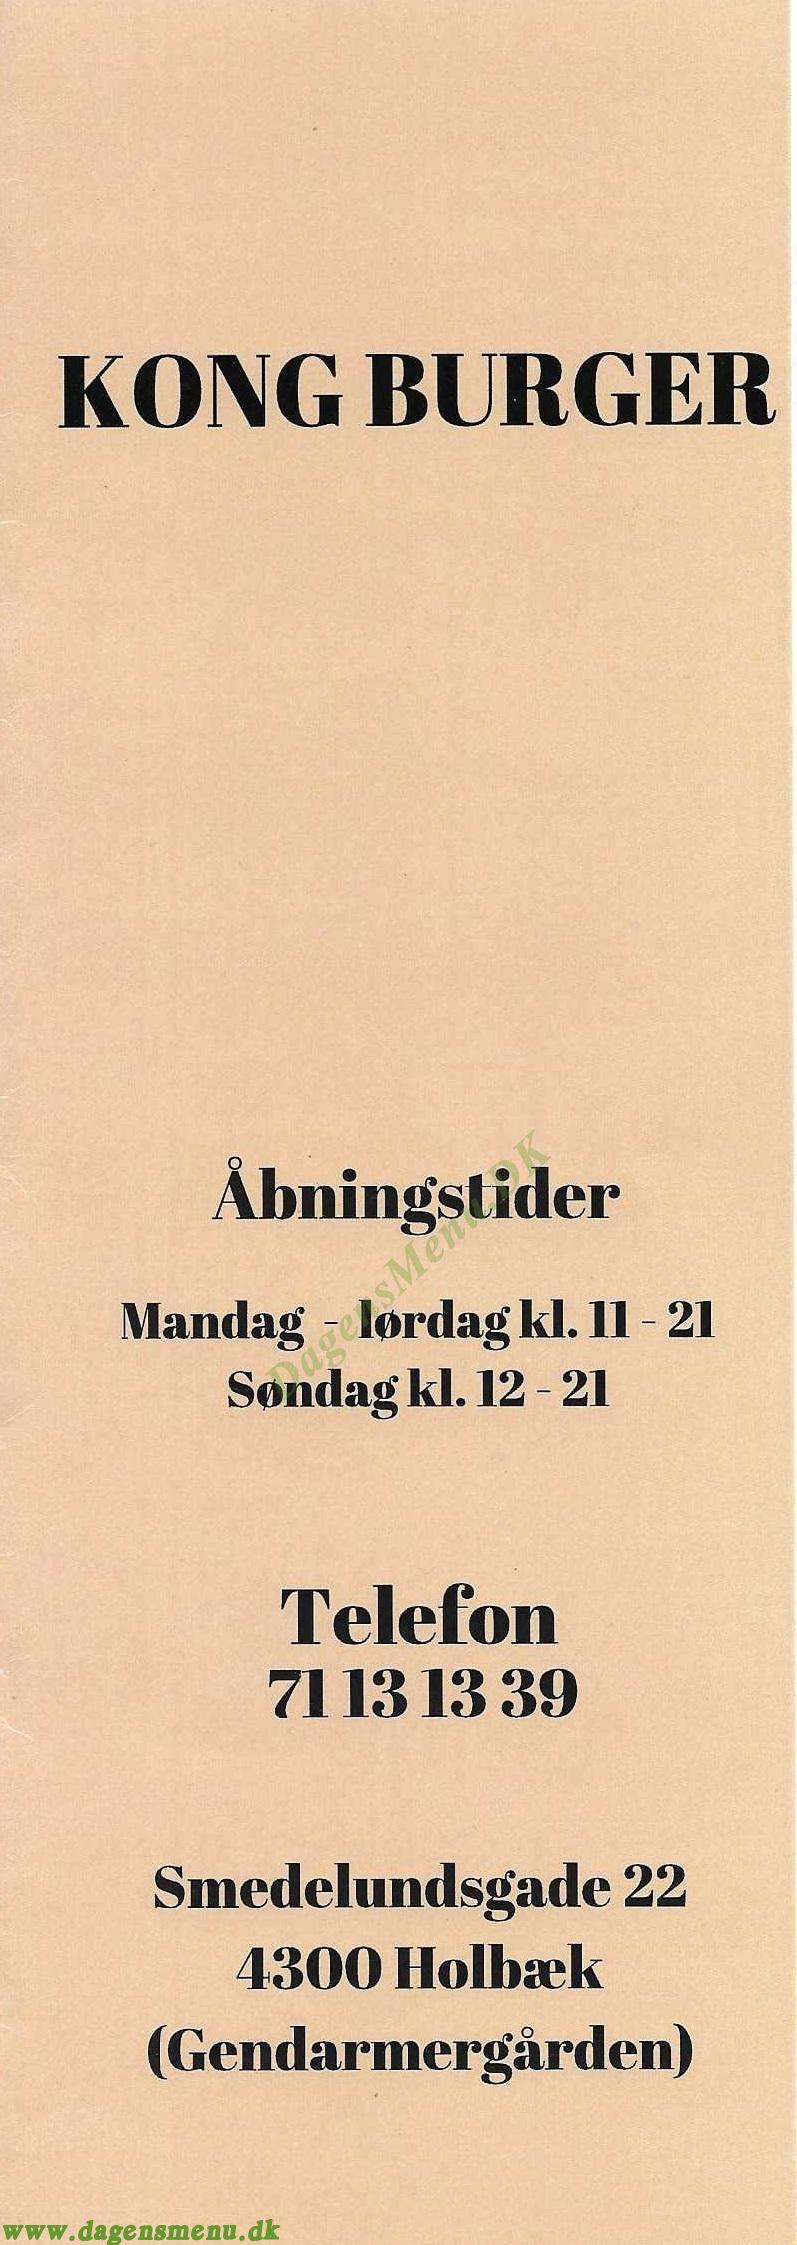 KONG BURGER & SANDWICH - Menukort